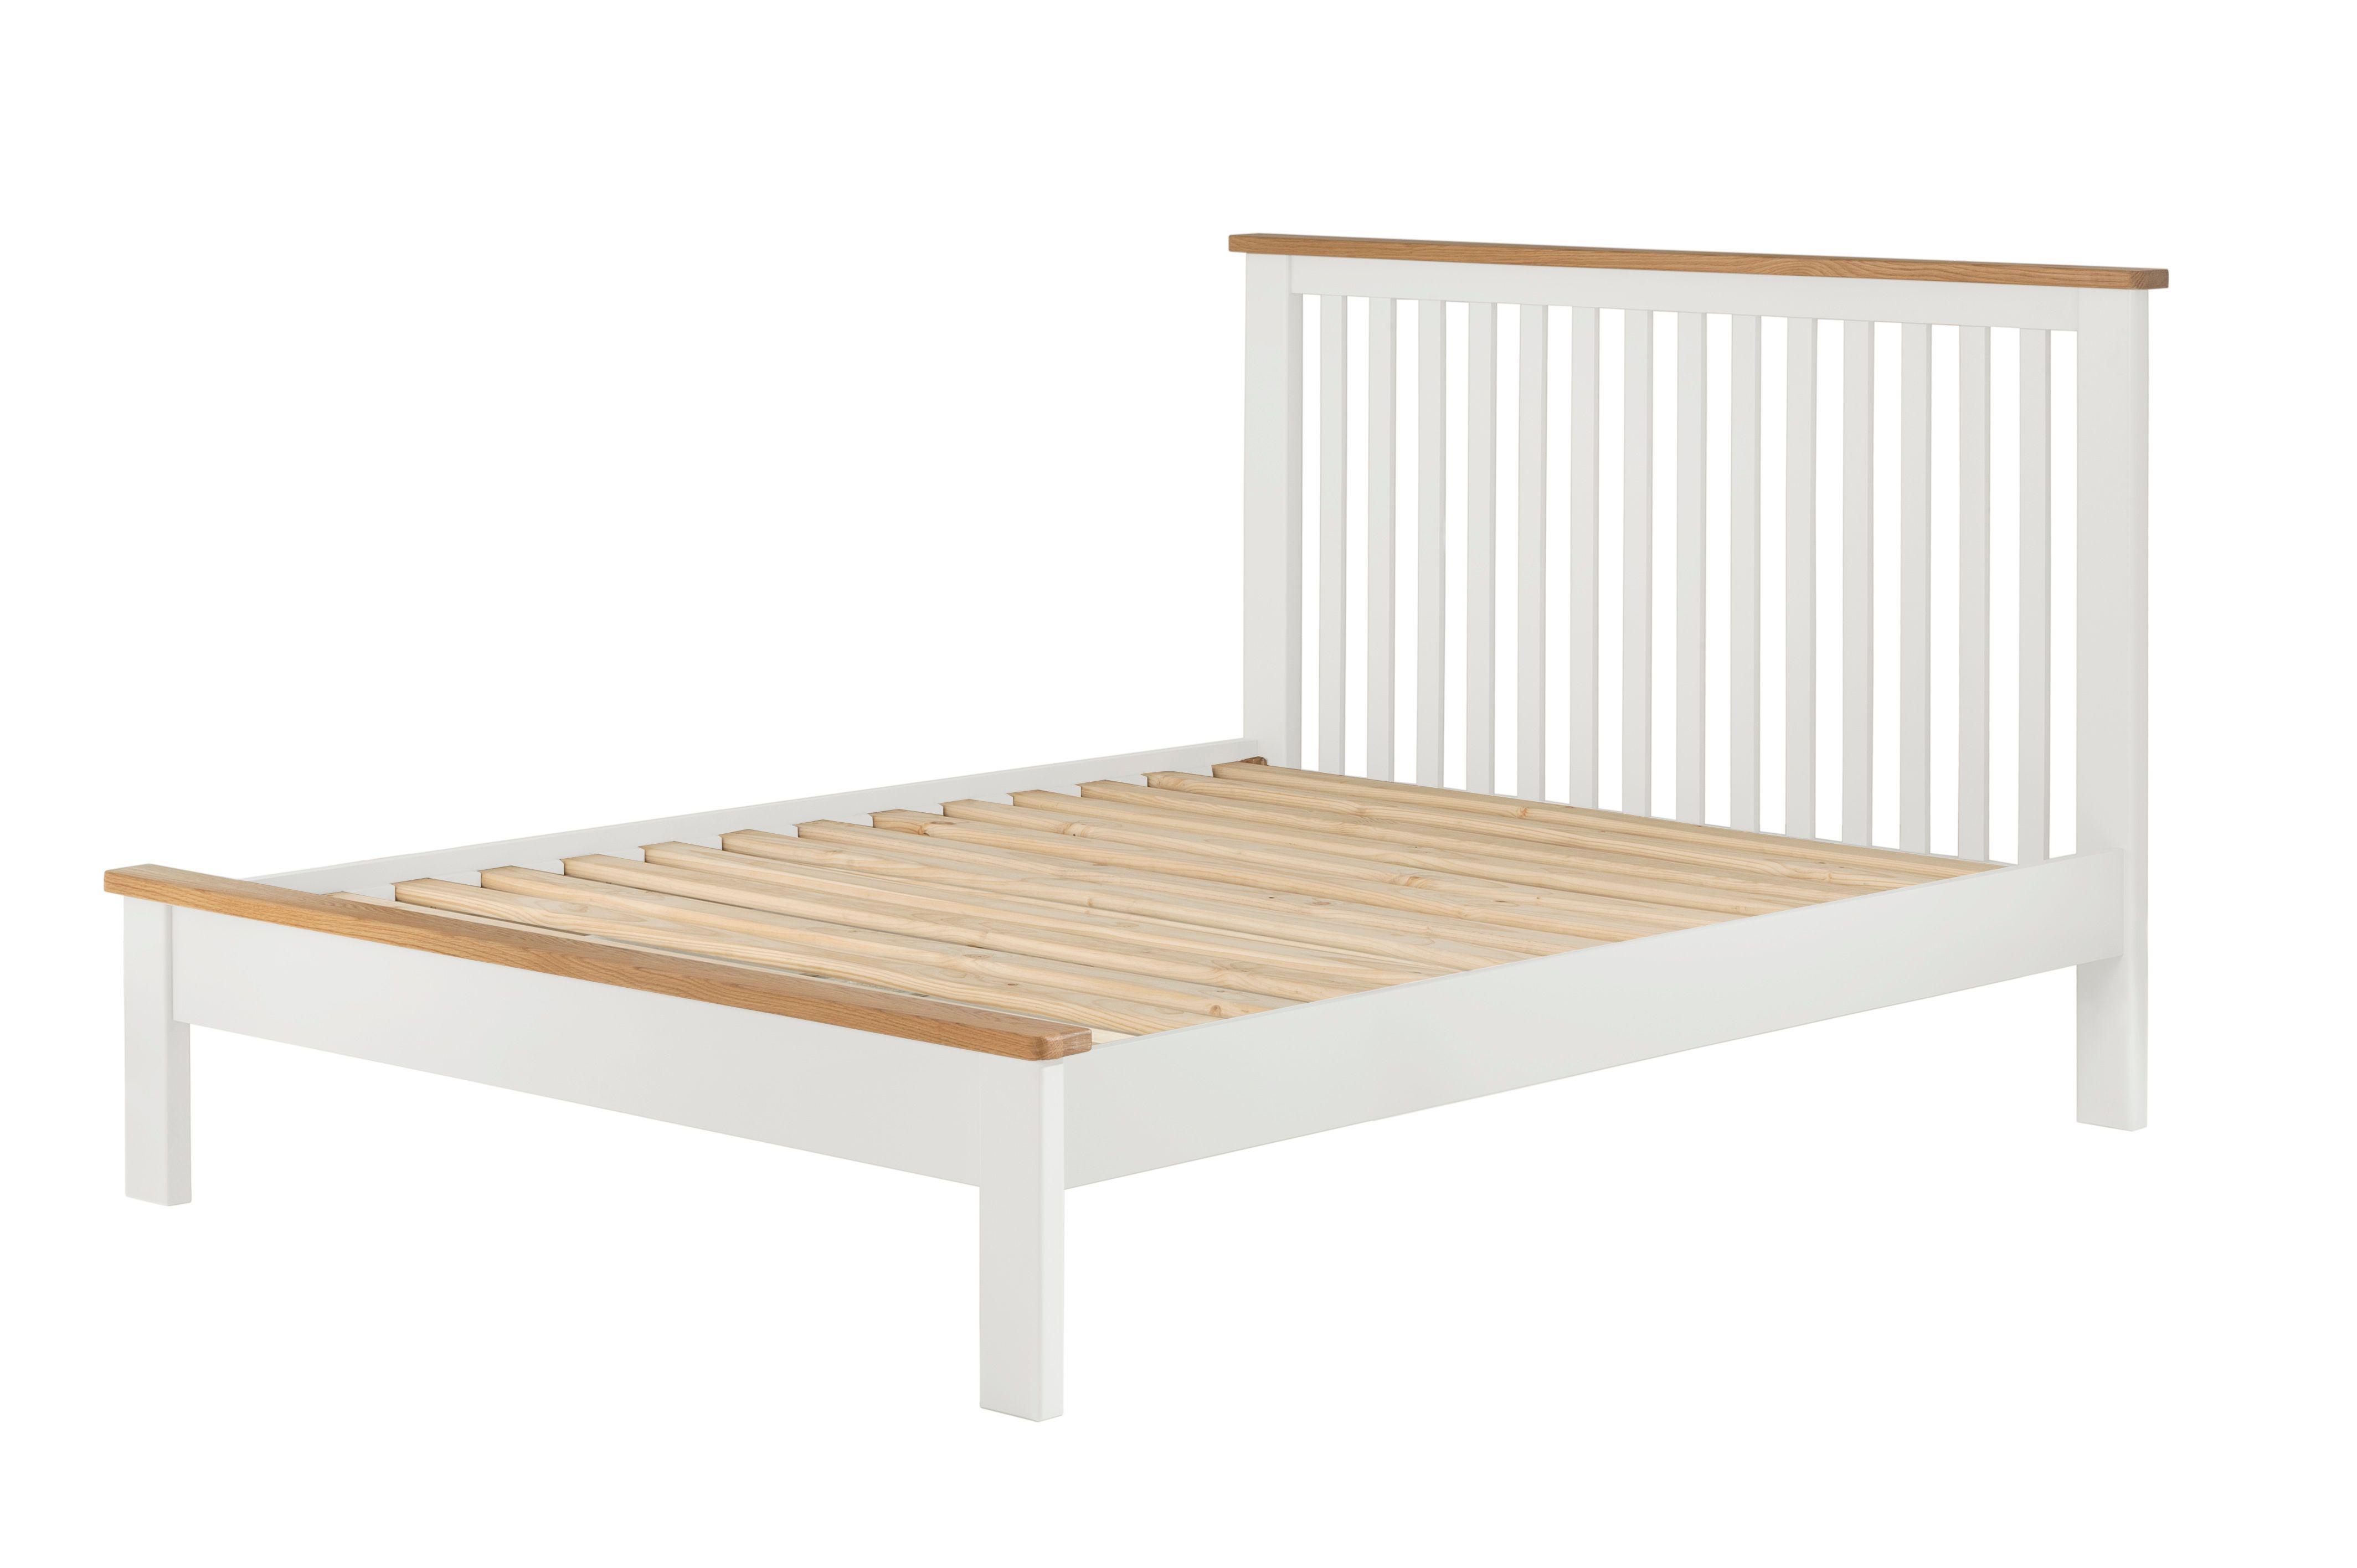 PRESTON 4'6 Bed